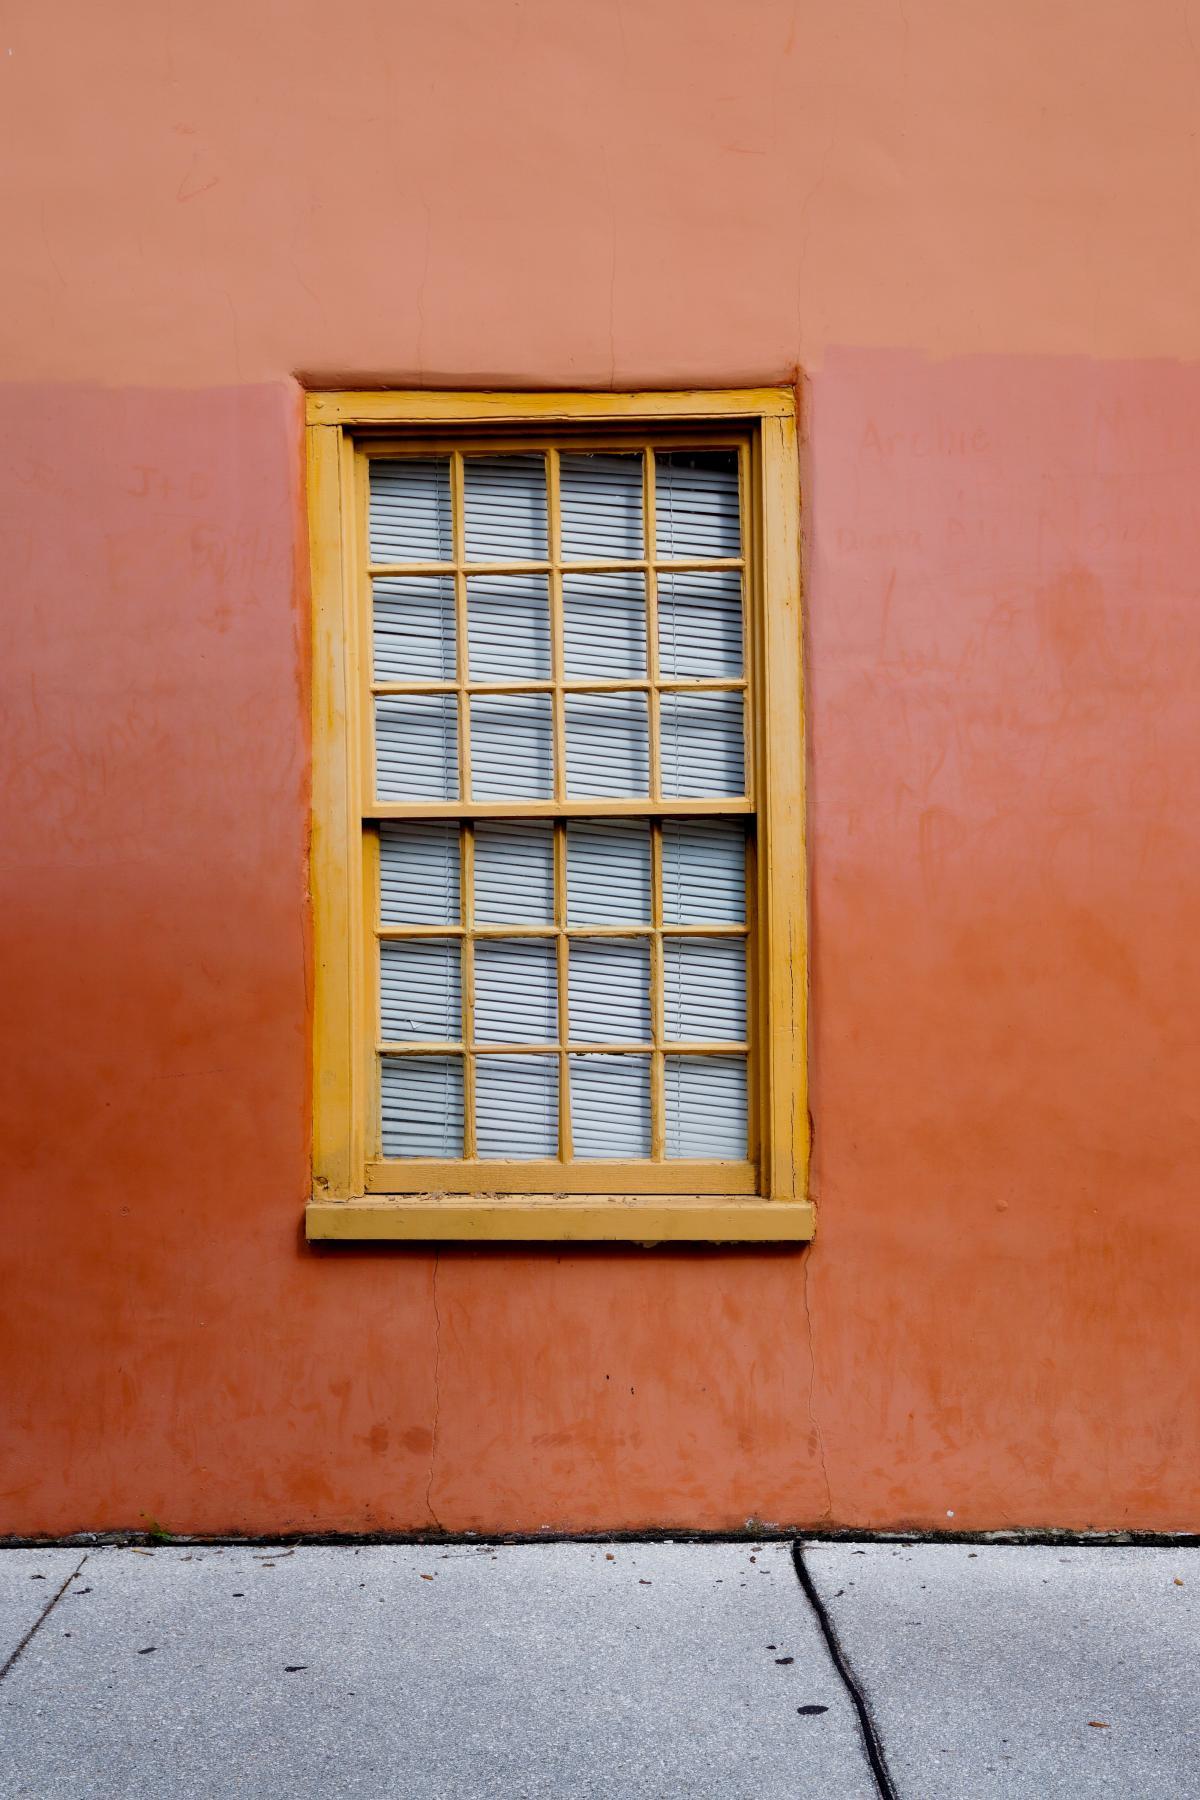 Window Wall Old #421020